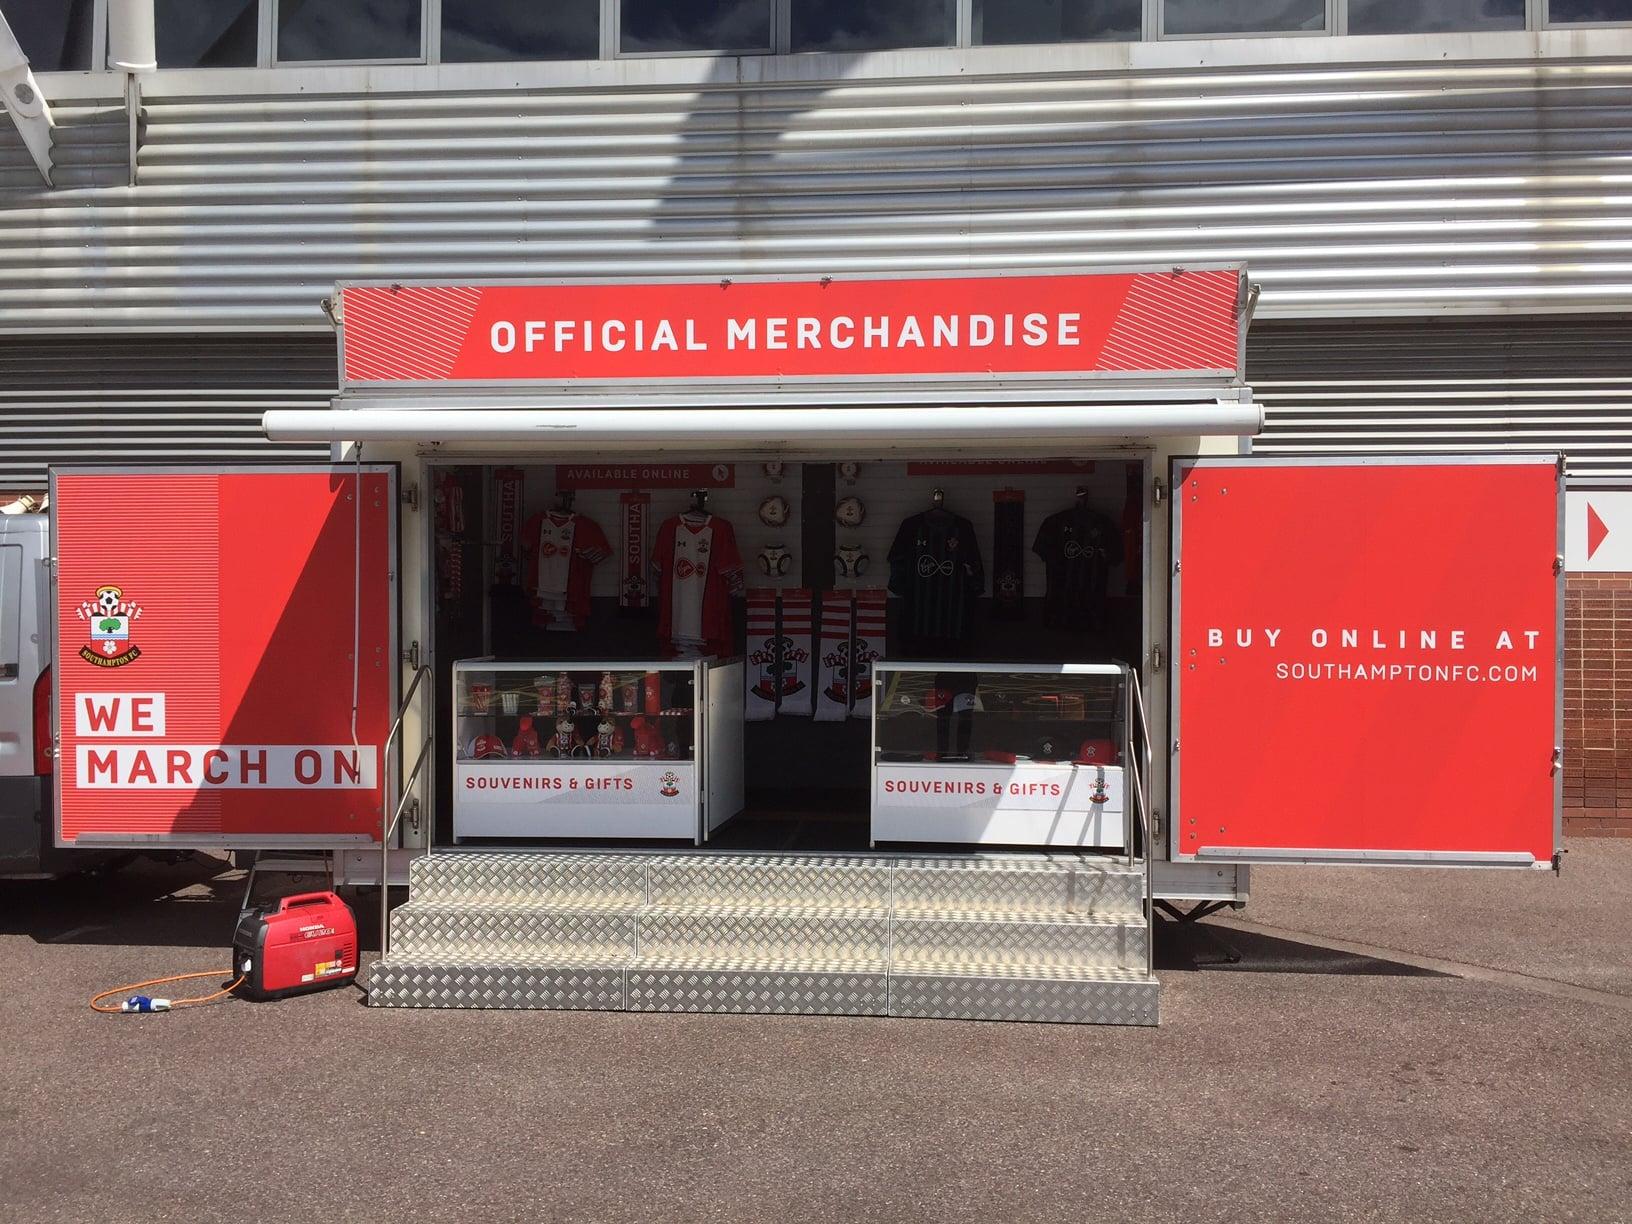 merchandising trailer hire